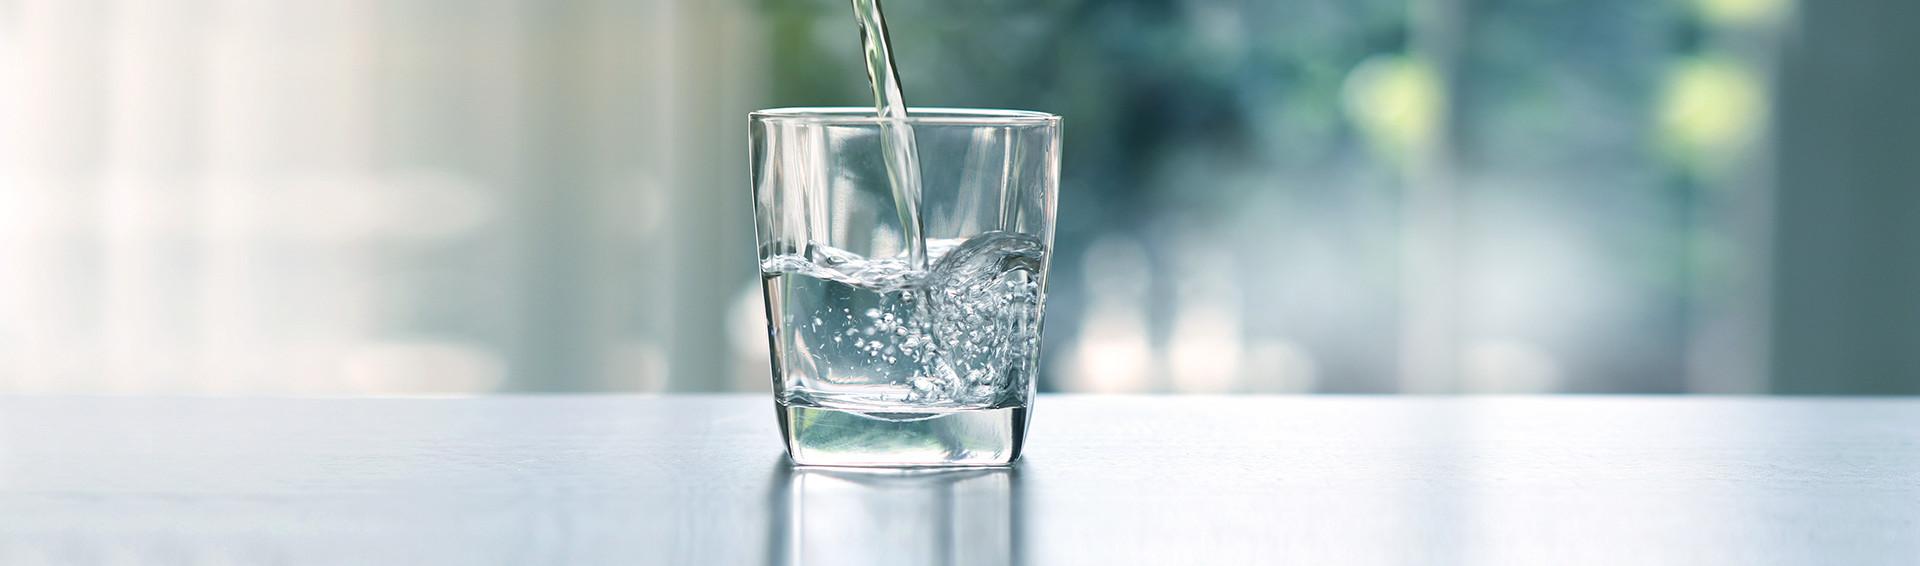 Ultrapack, traitement et filtration d'eau